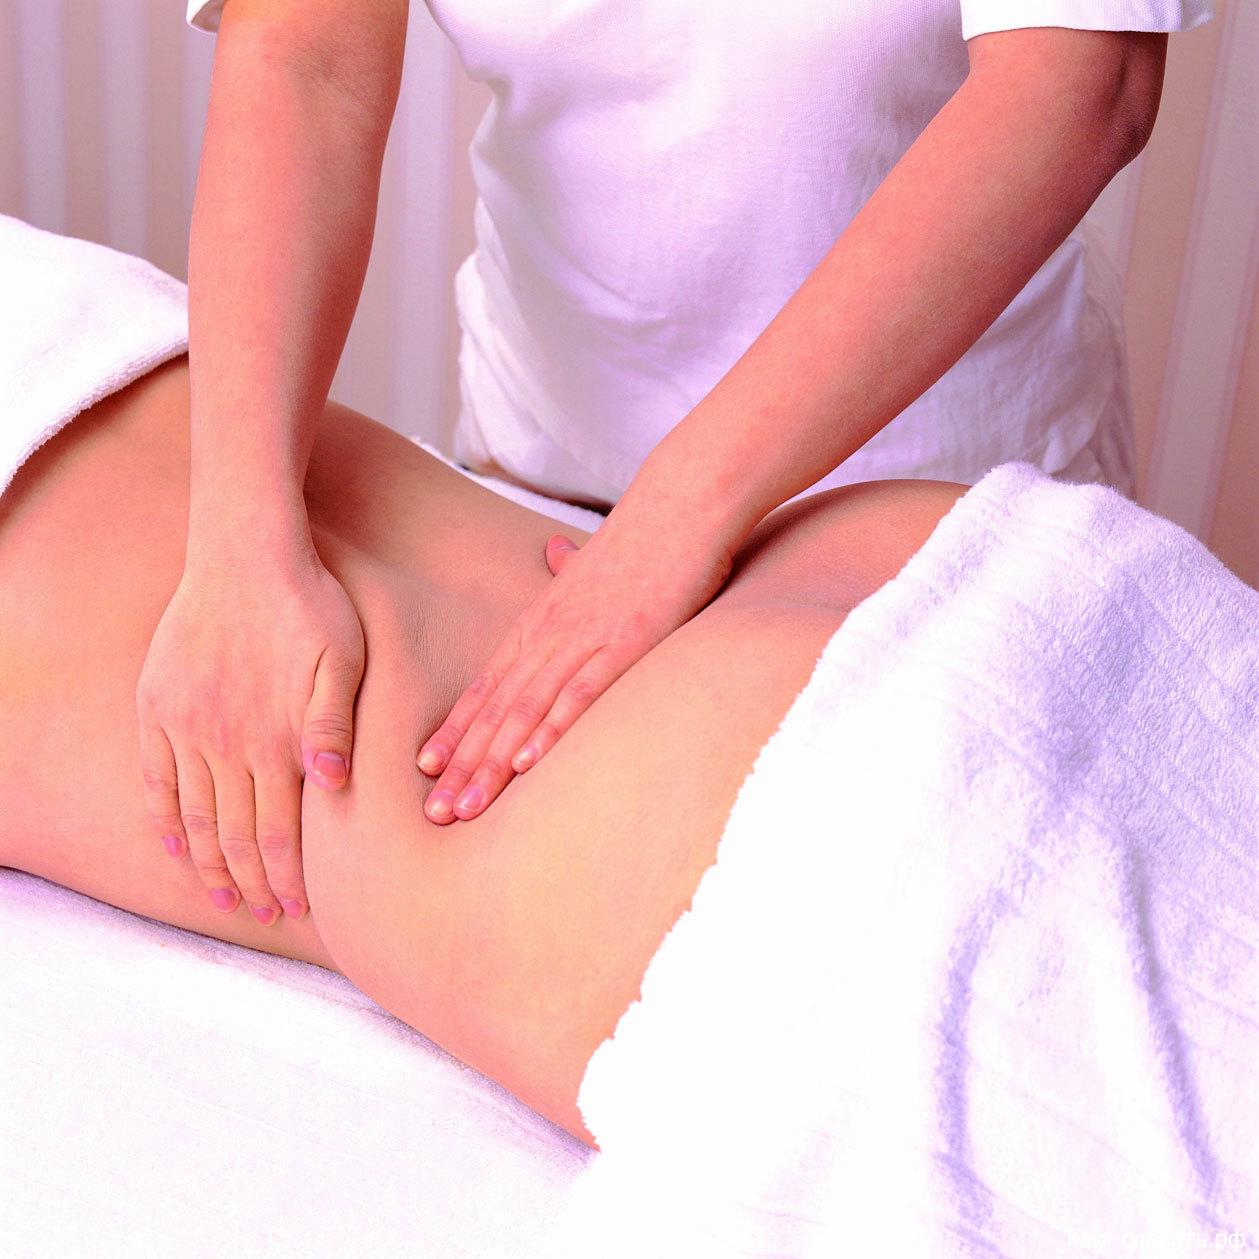 Как сделать массаж спины любимому фото